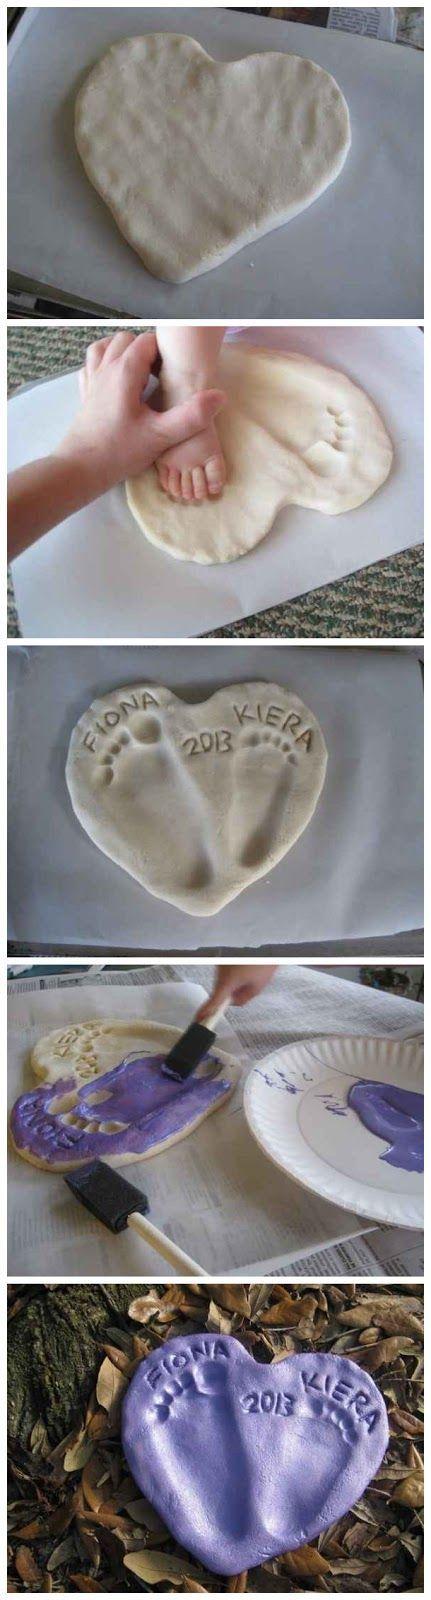 Impronte su cuore di das o pasta di sale